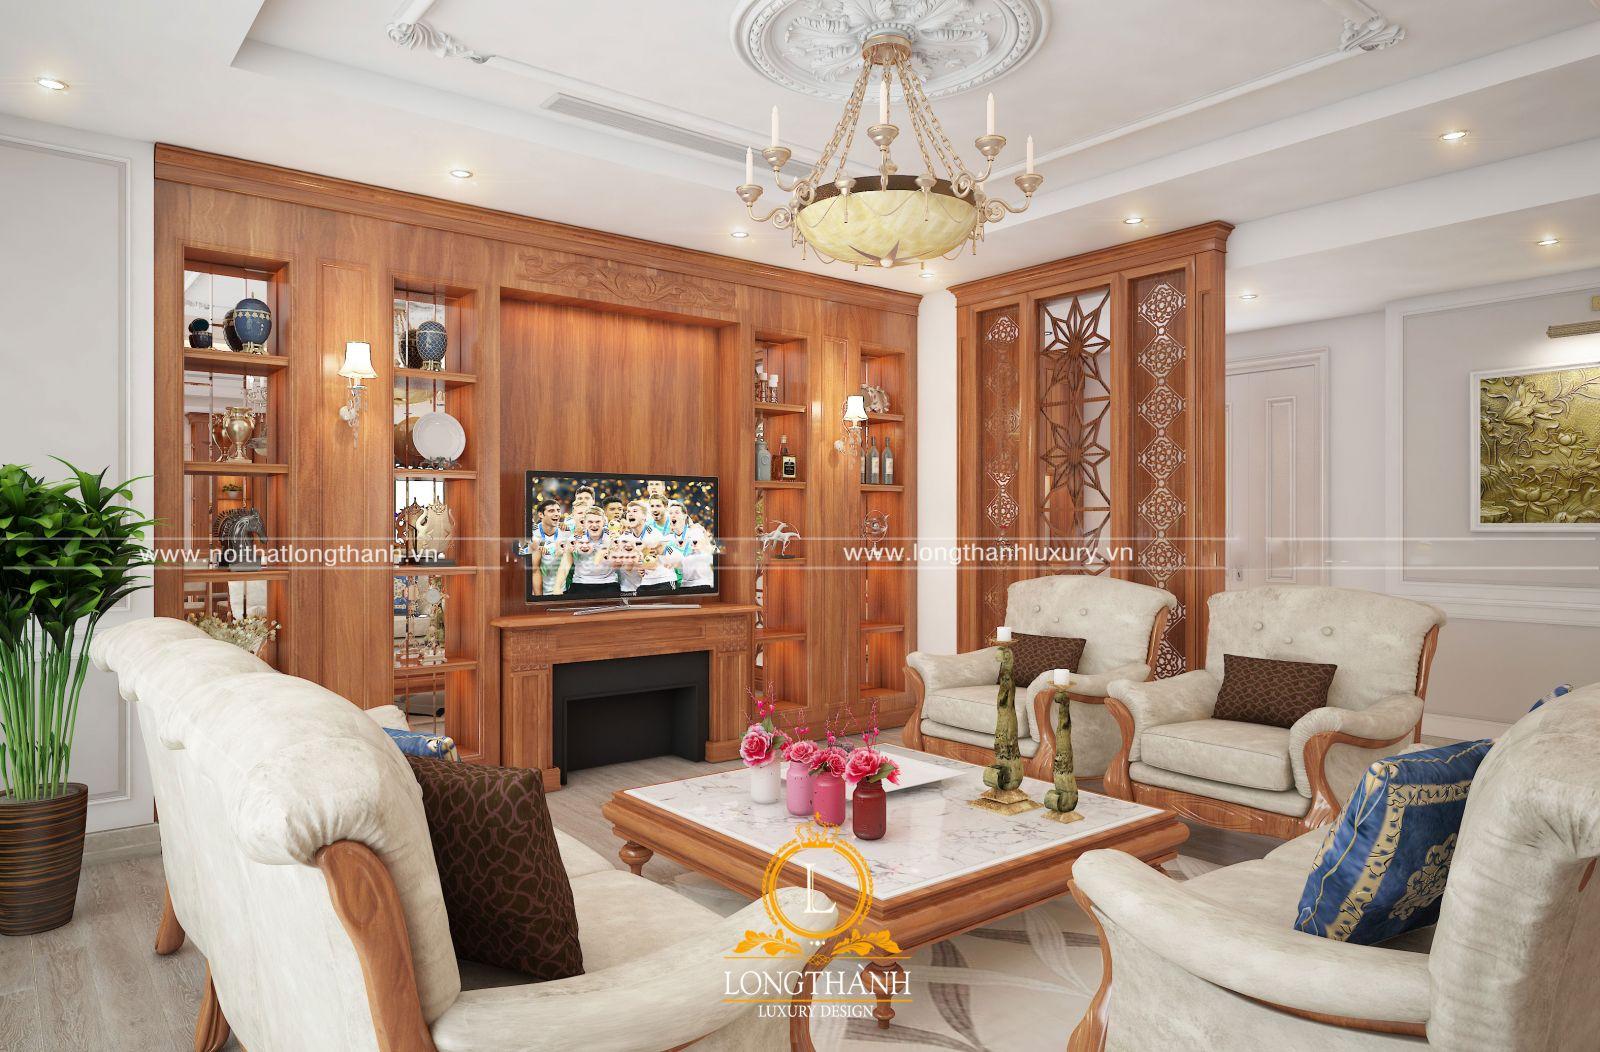 Nội thất phòng khách tân cổ điển sử dụng chất liệu gỗ tự nhiên cao cấp